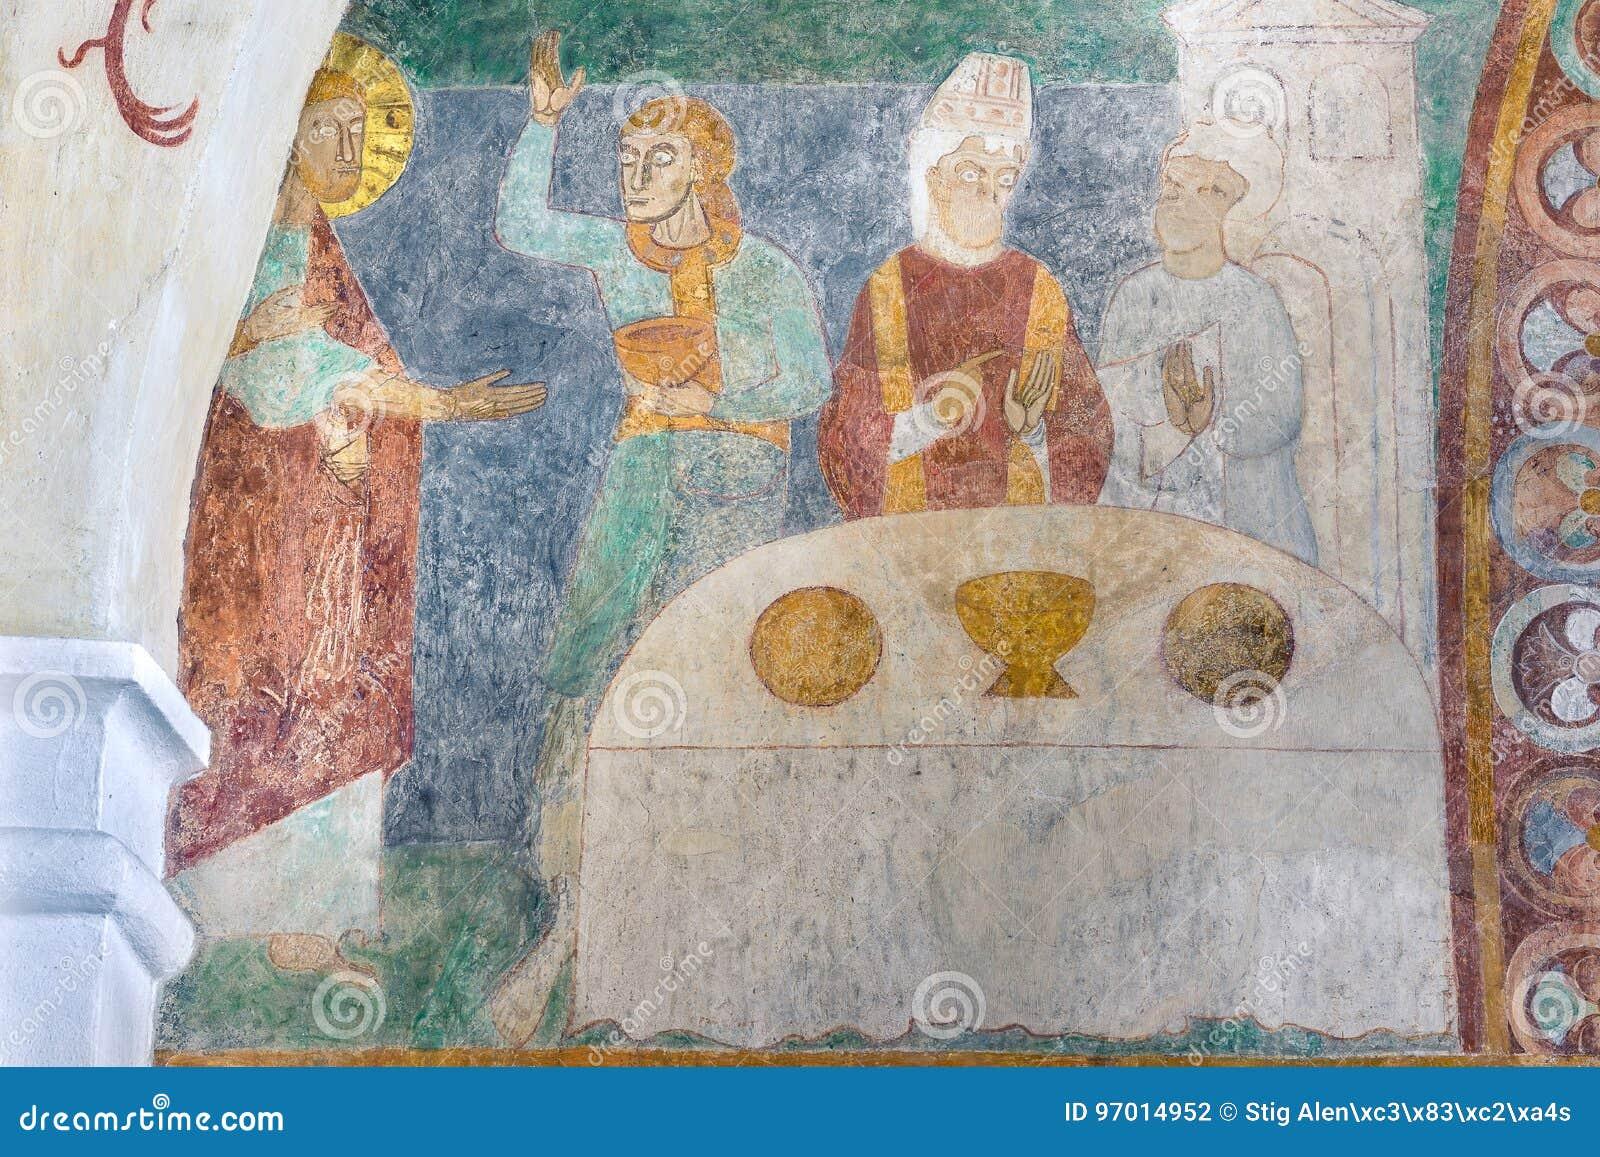 Heirat bei Cana, ein altes Romanesquefresko in einem dänischen churc